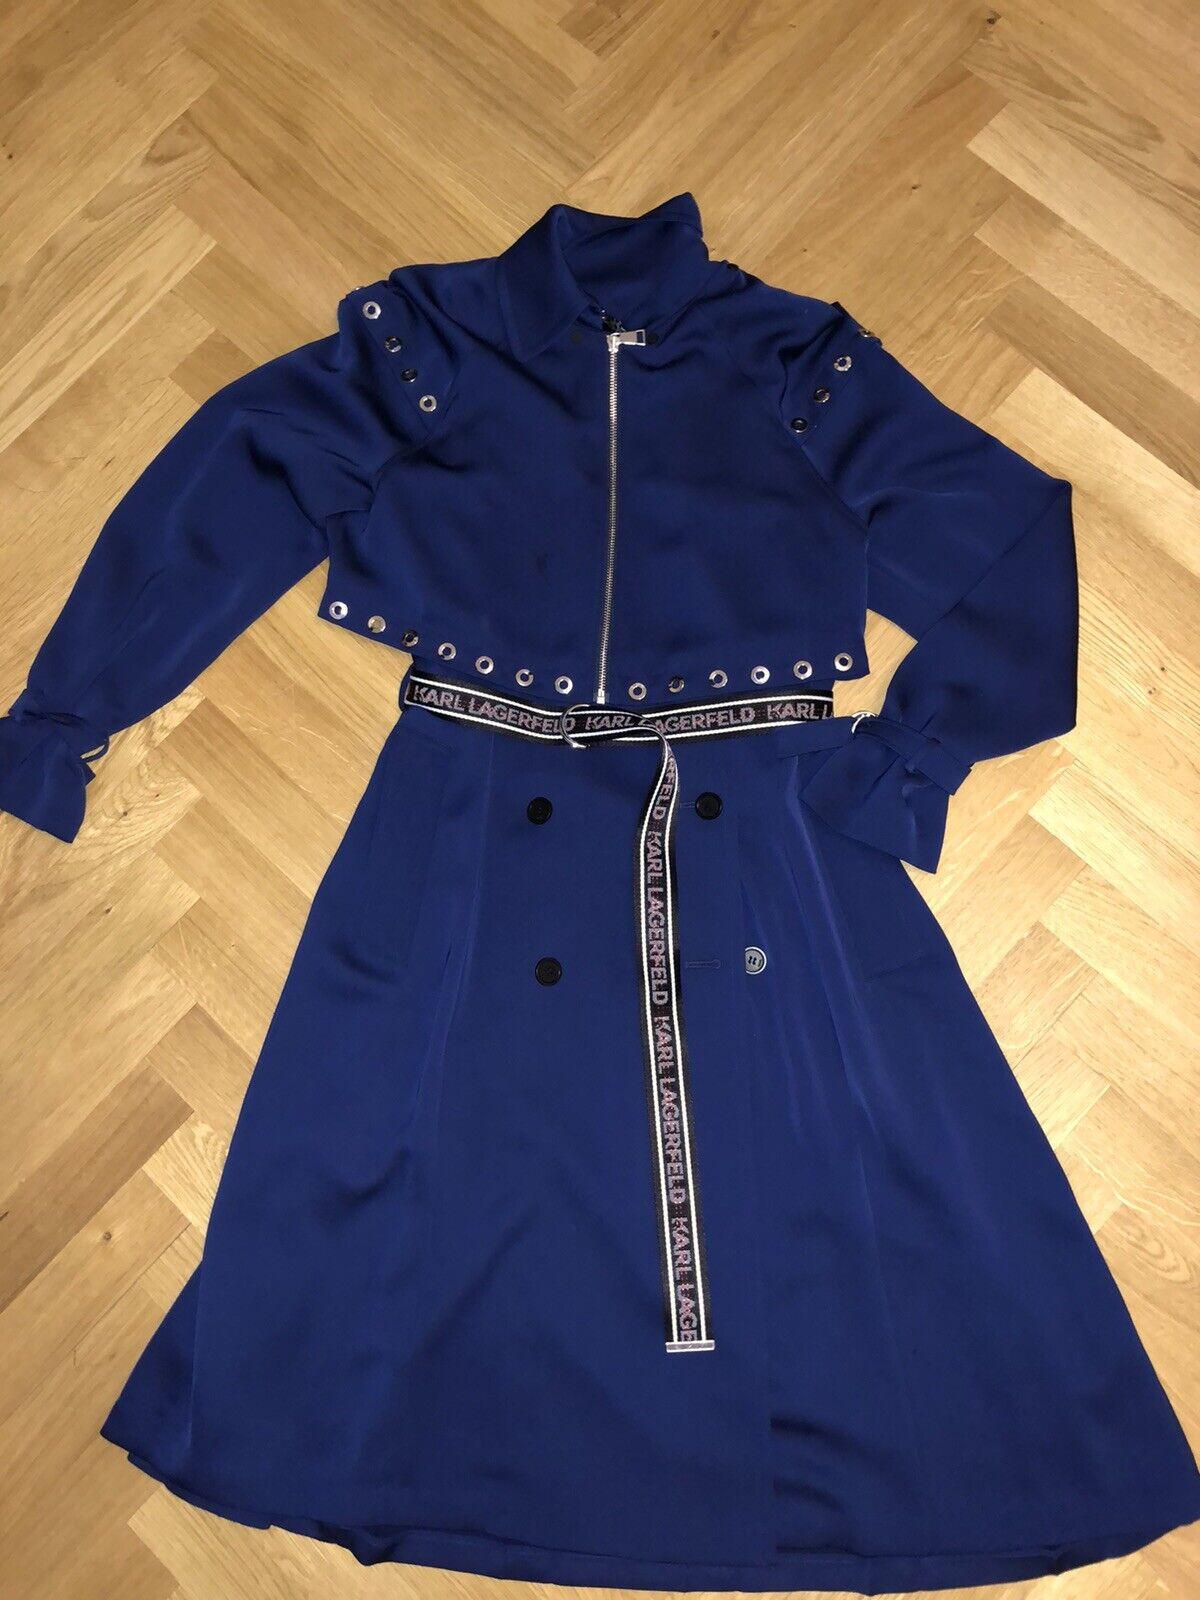 Damen Mantel Von Karl Lagerfeld cc8c0wyxs9241 Jacken, Mäntel